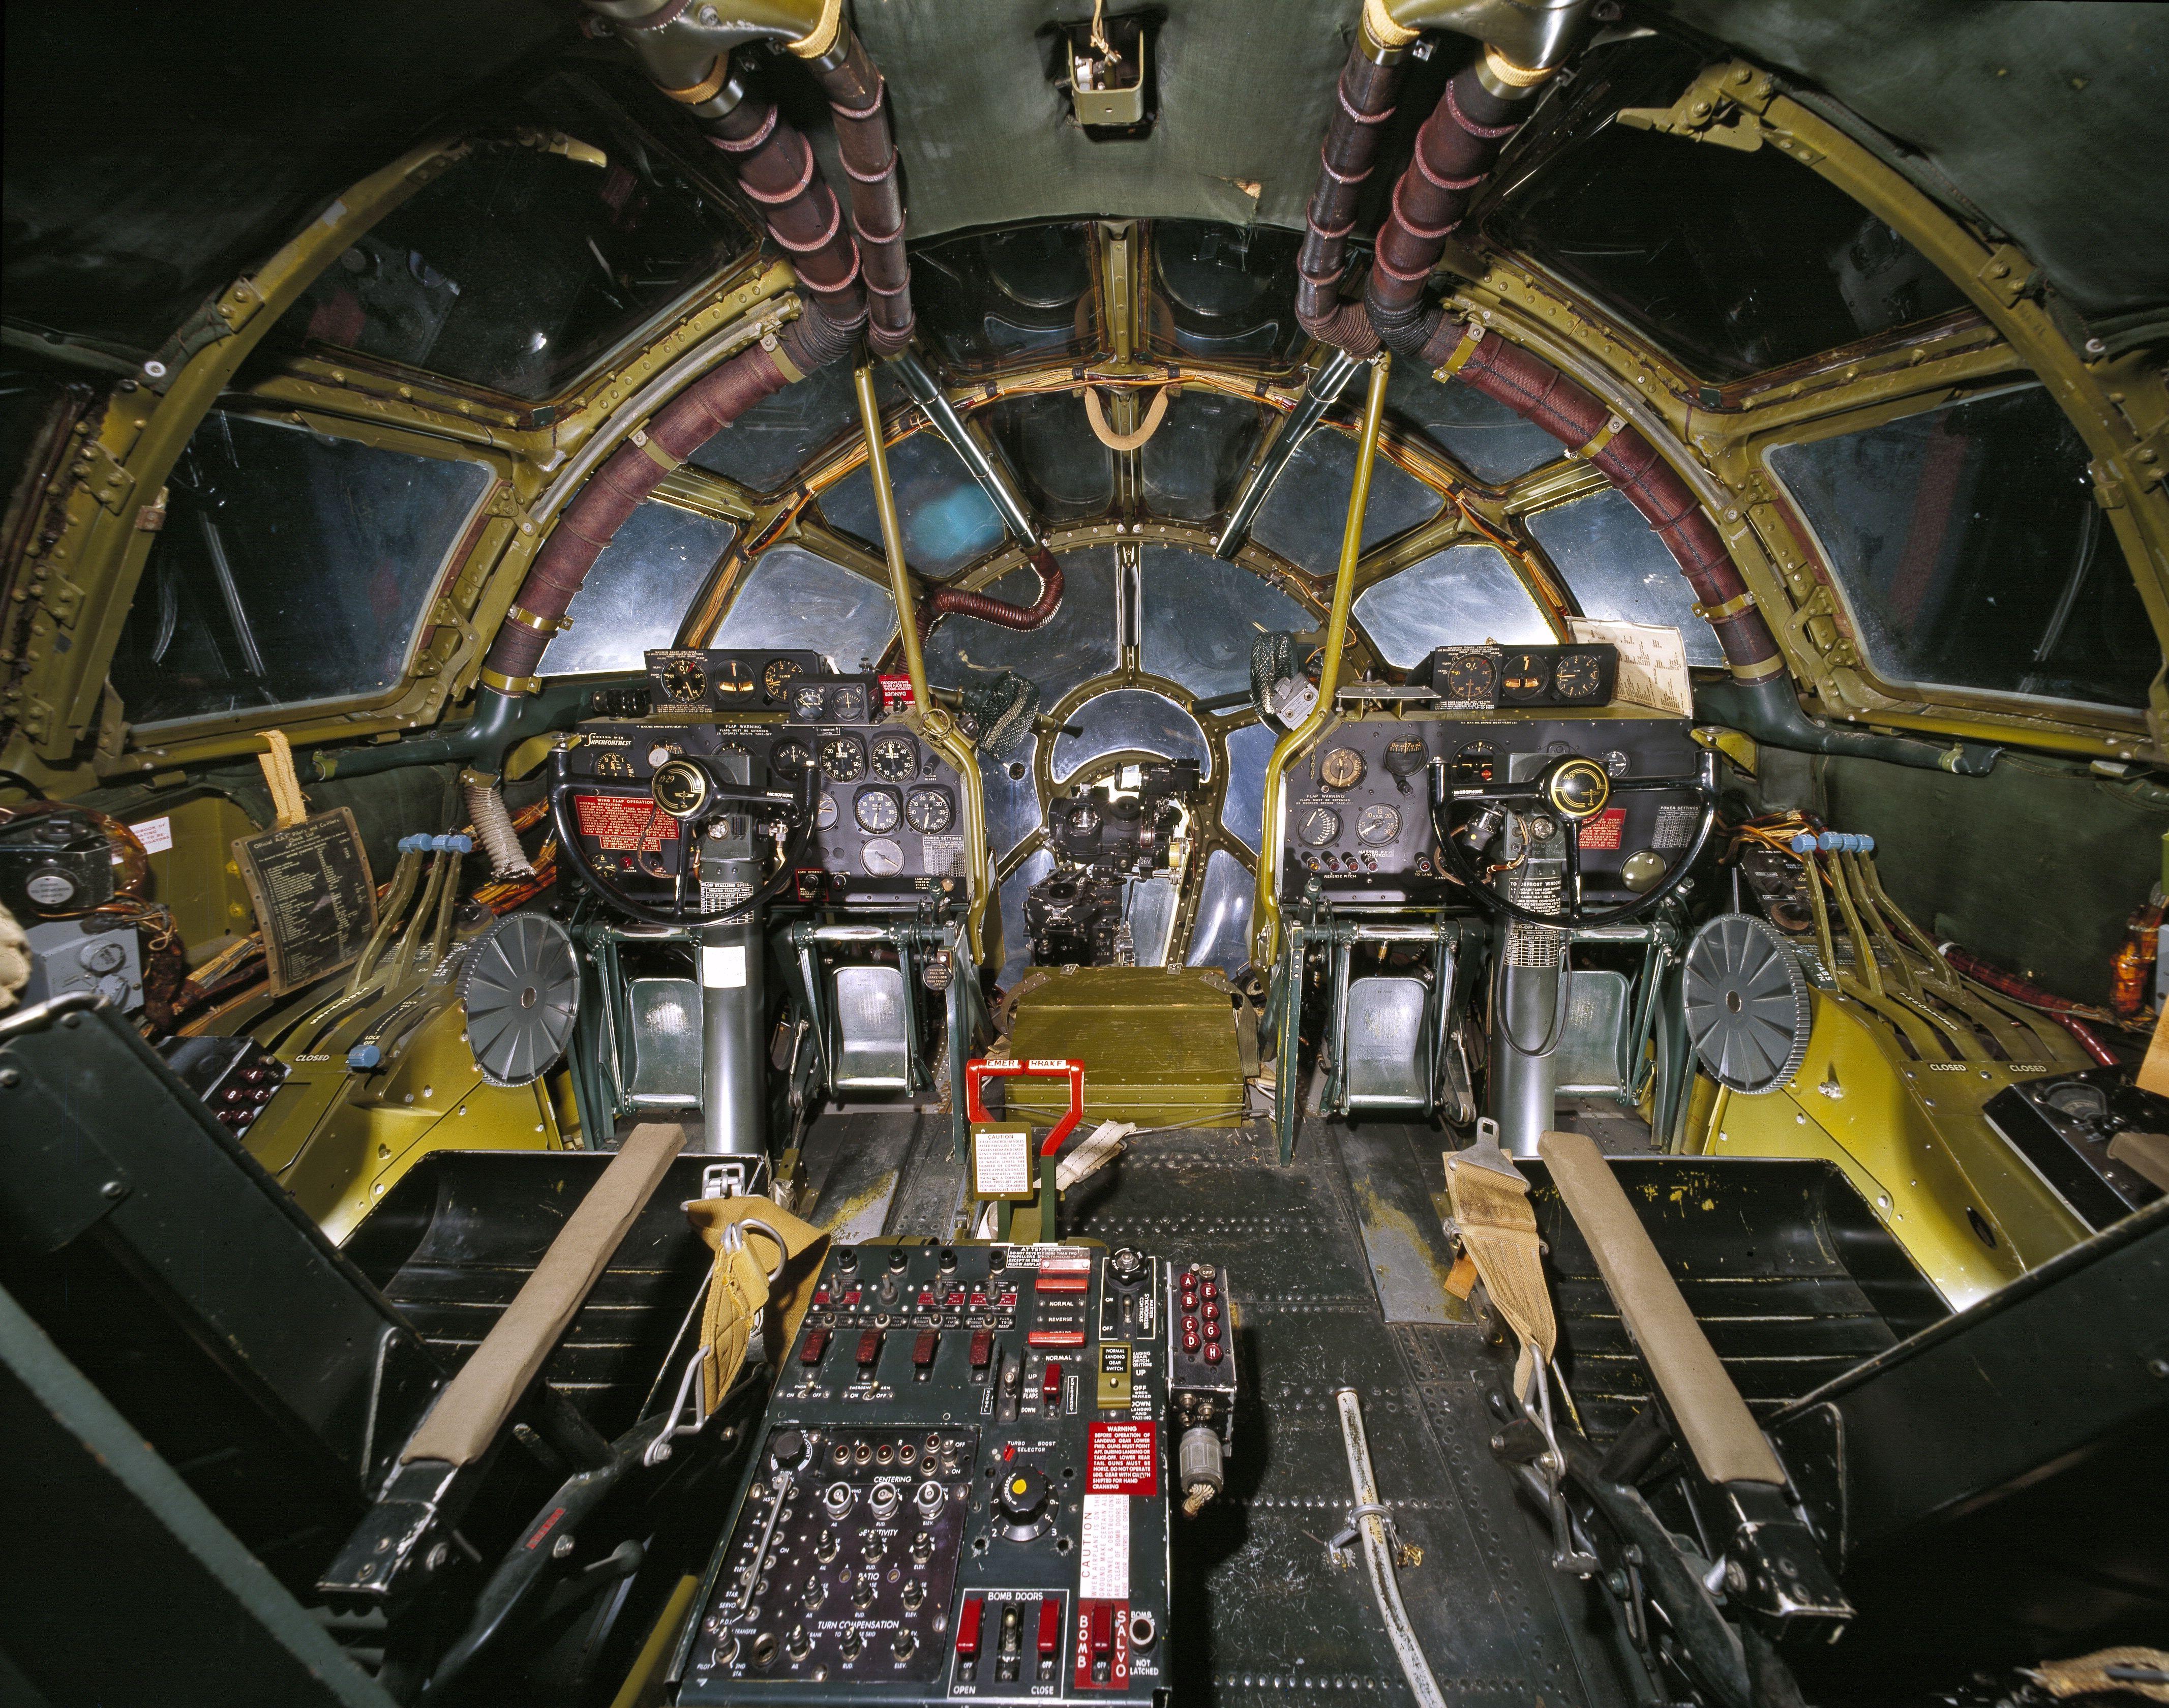 21 Cockpits D Avions Avion Militaire Avion De Chasse Avion De Chasse Américain